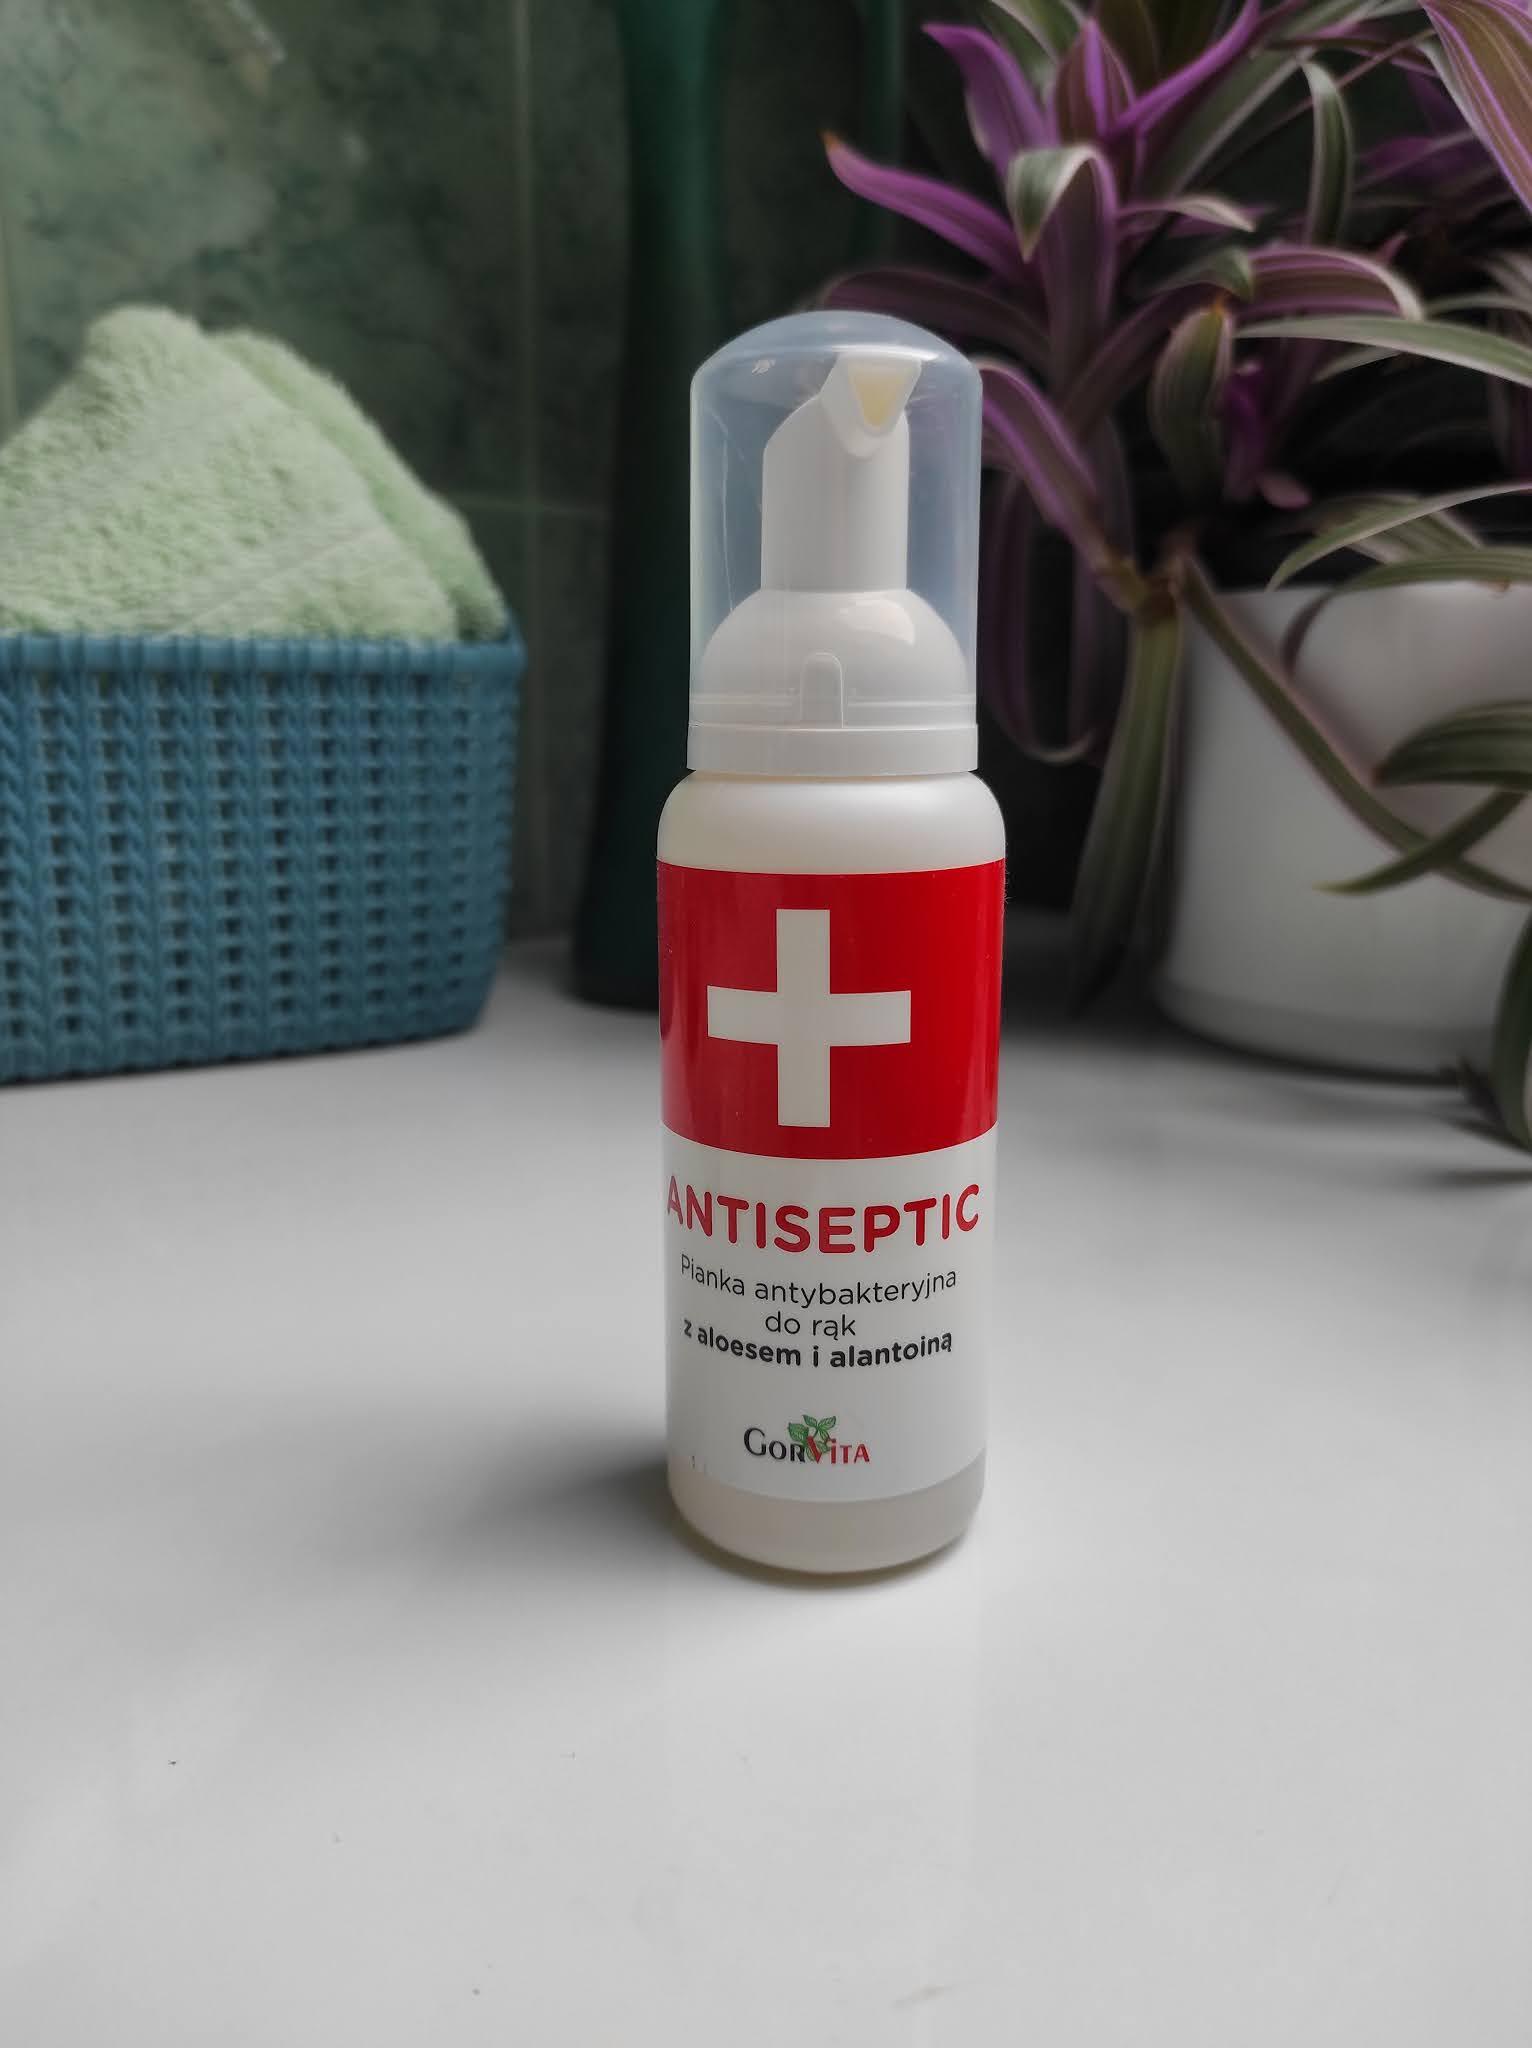 Antiseptic Pianka antybakteryjna do rąk z aloesem i alantoiną.